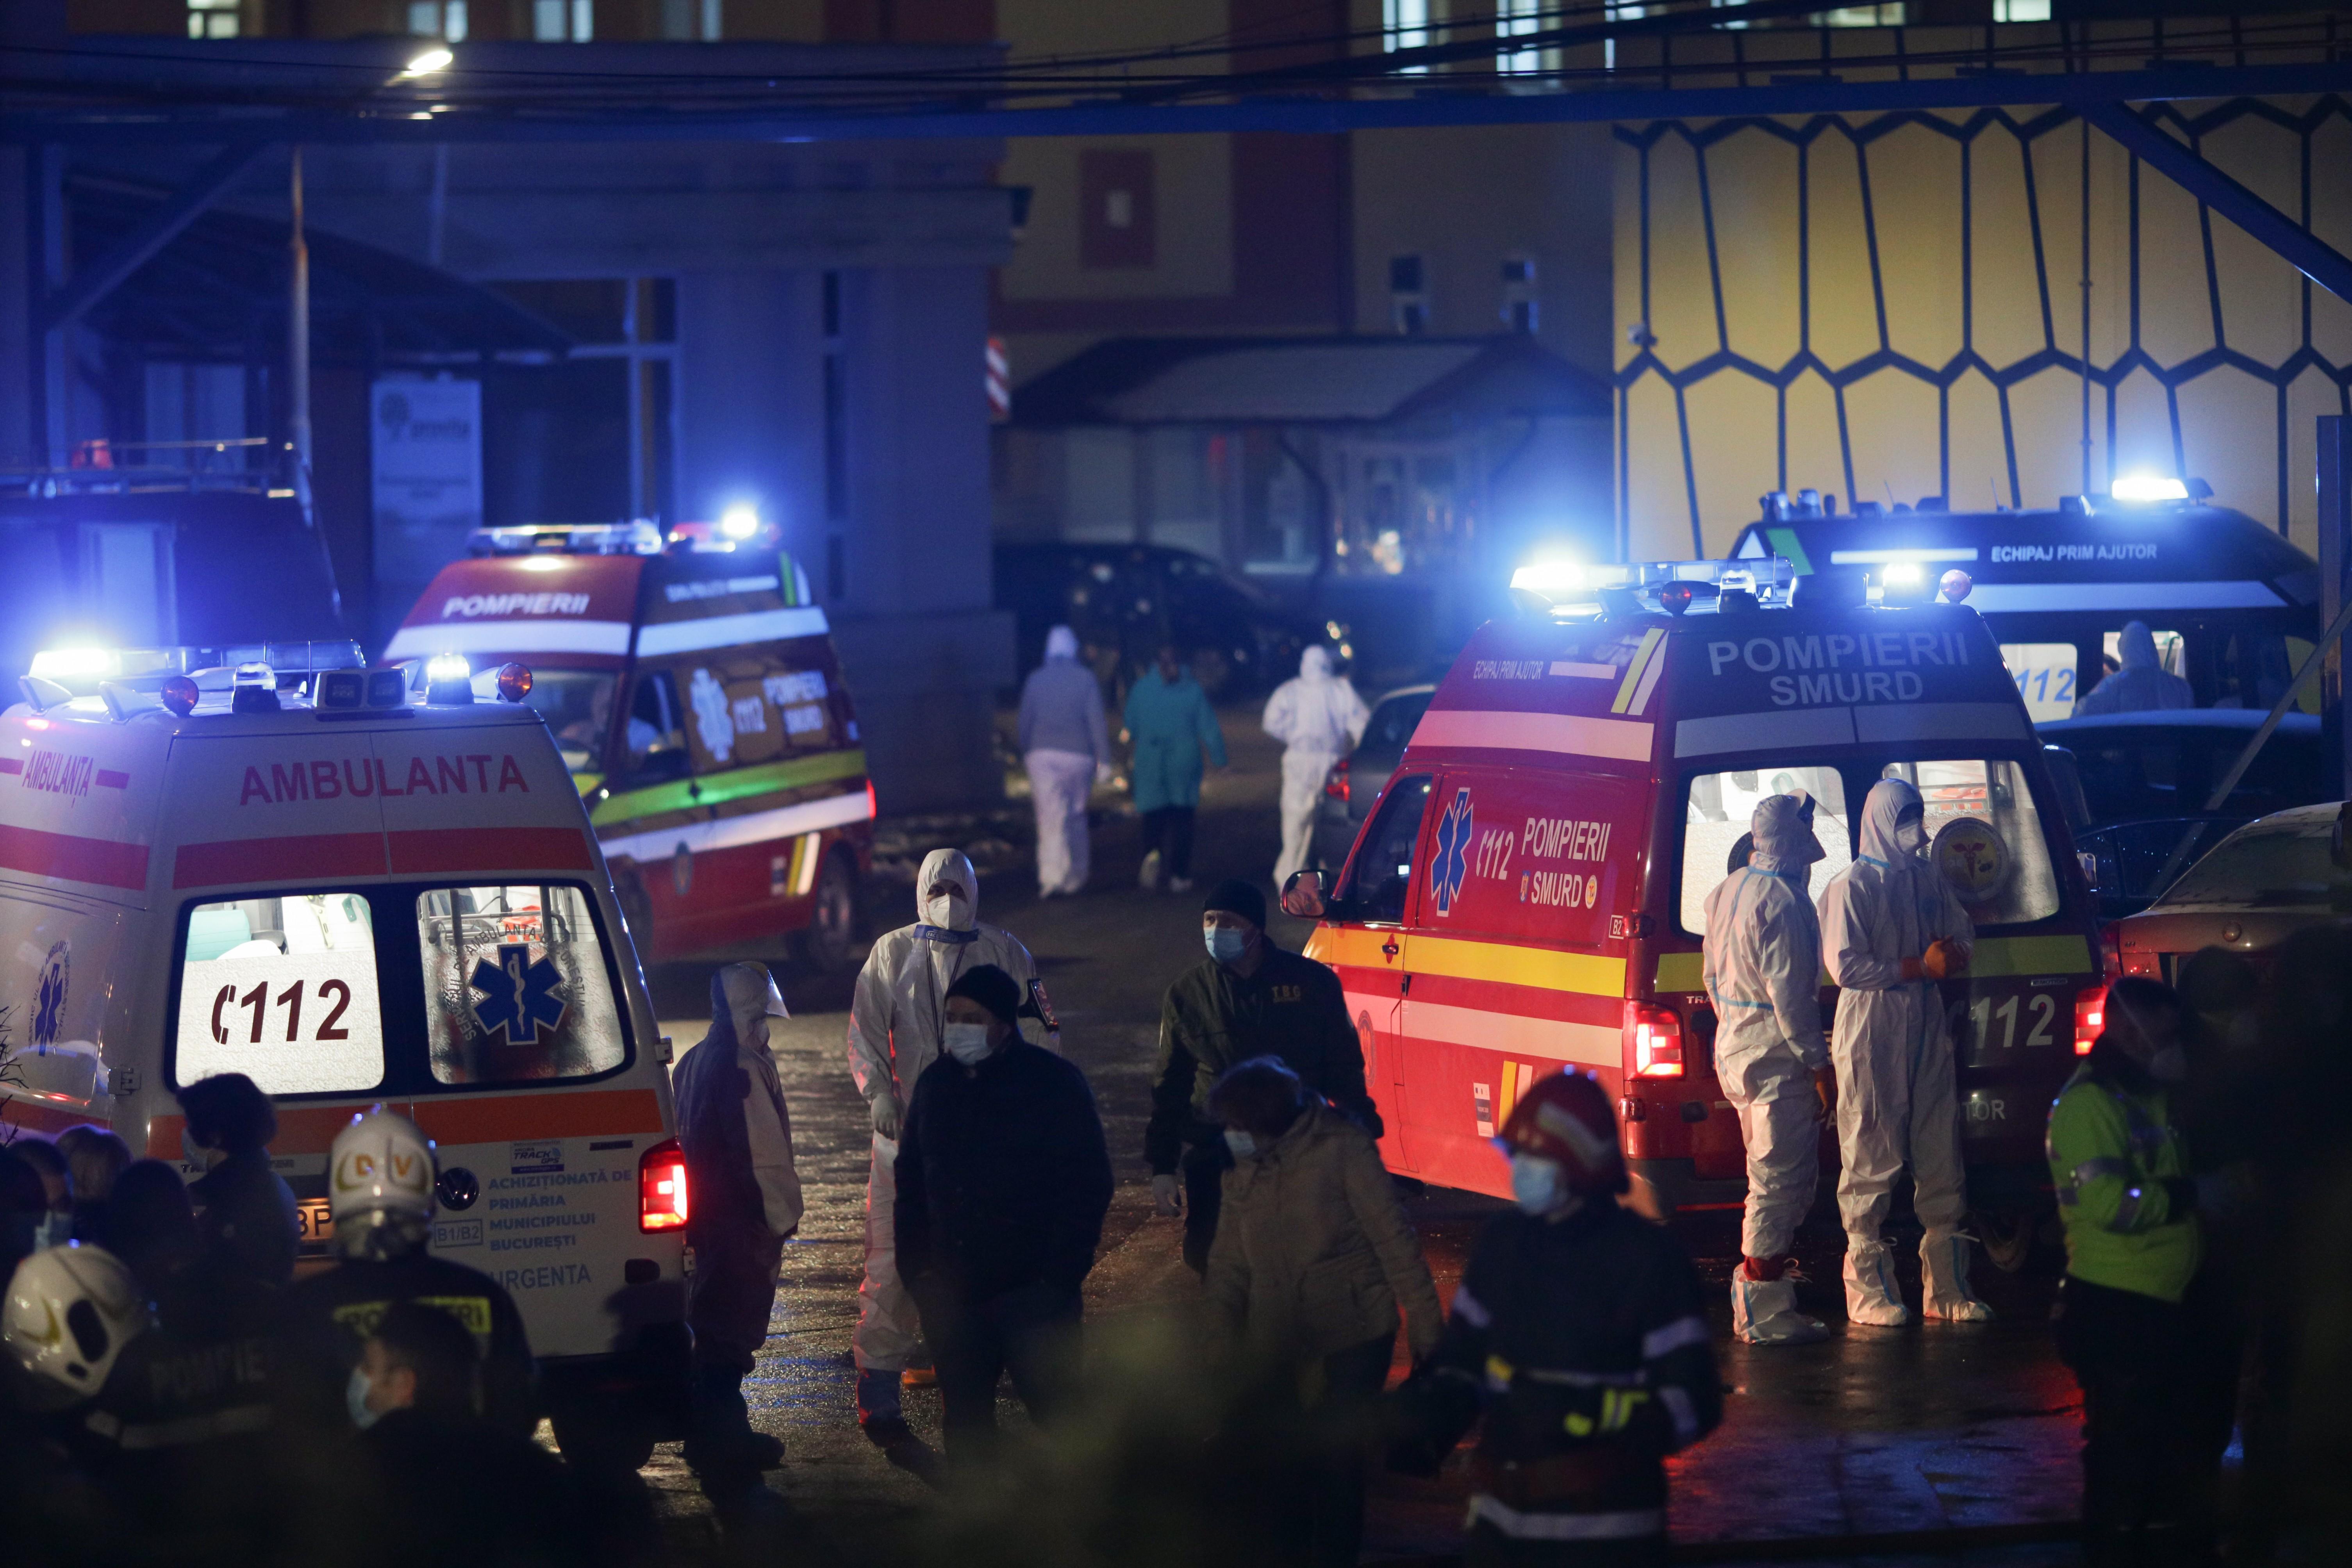 Incendiu la Matei Balş, bilanțul dezastrului a crescut la 5 morți. O persoană a fost găsită carbonizată într-o baie a spitalului